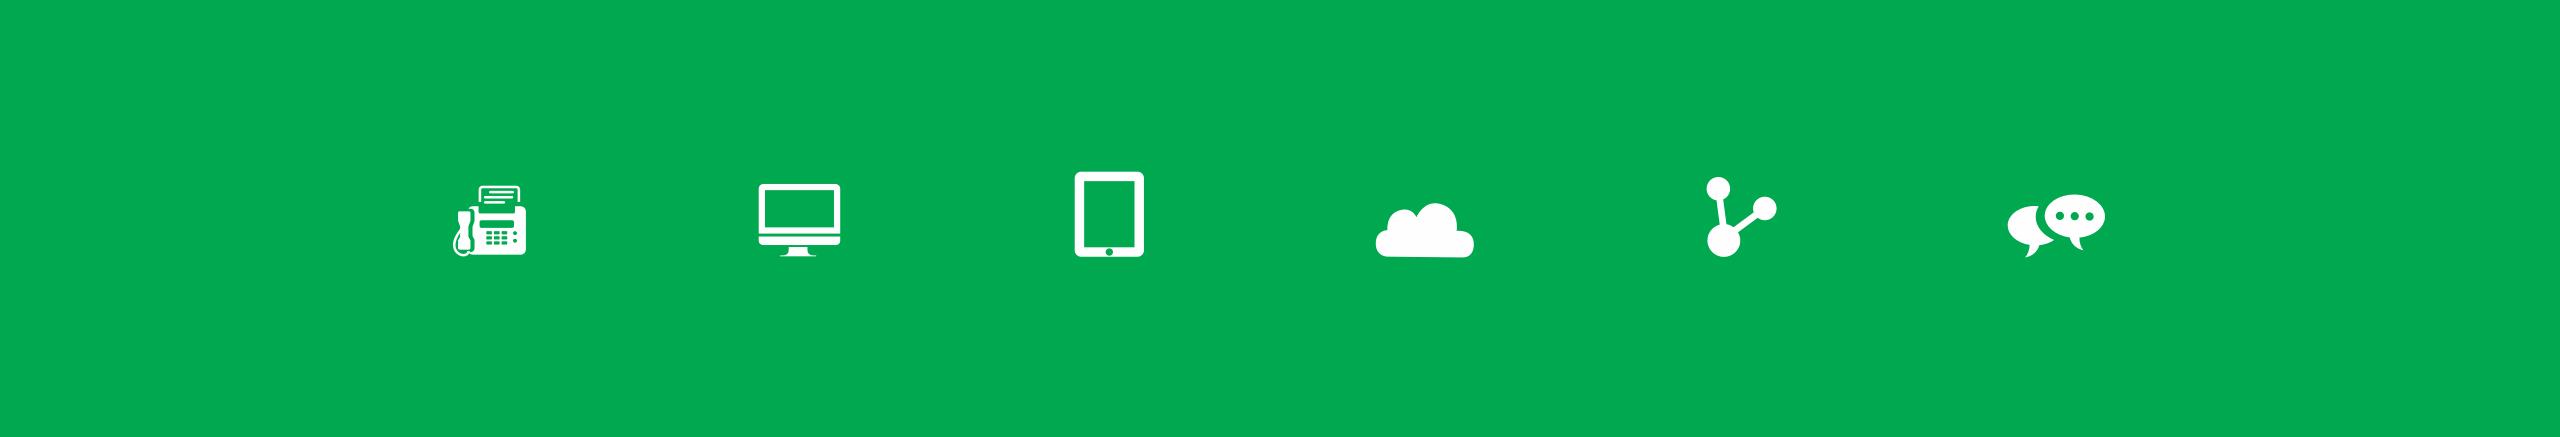 tech_icons